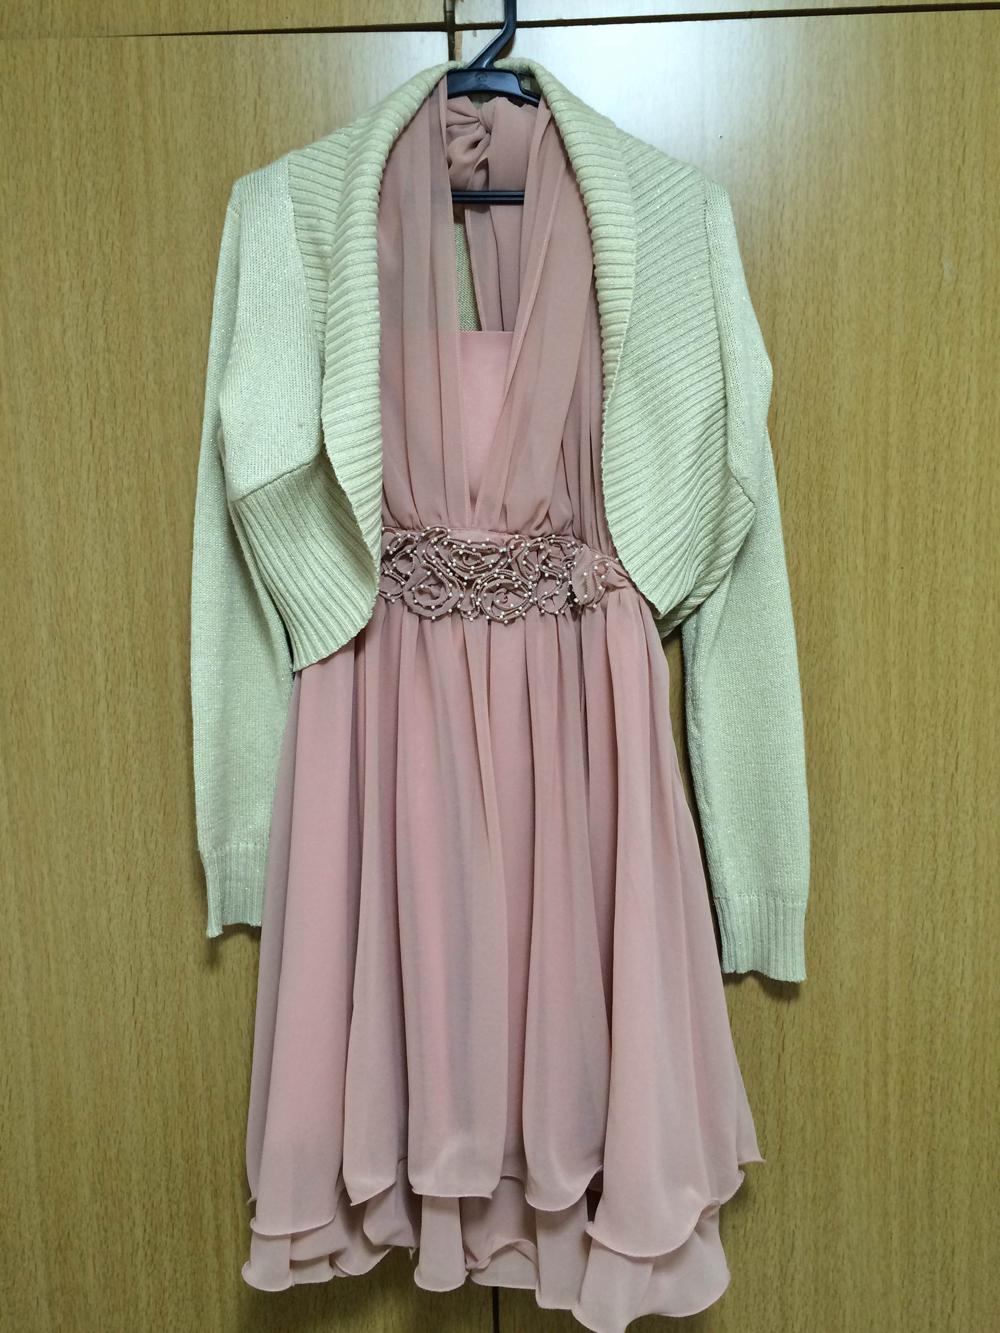 アプリコット色のドレスにニットを羽織る